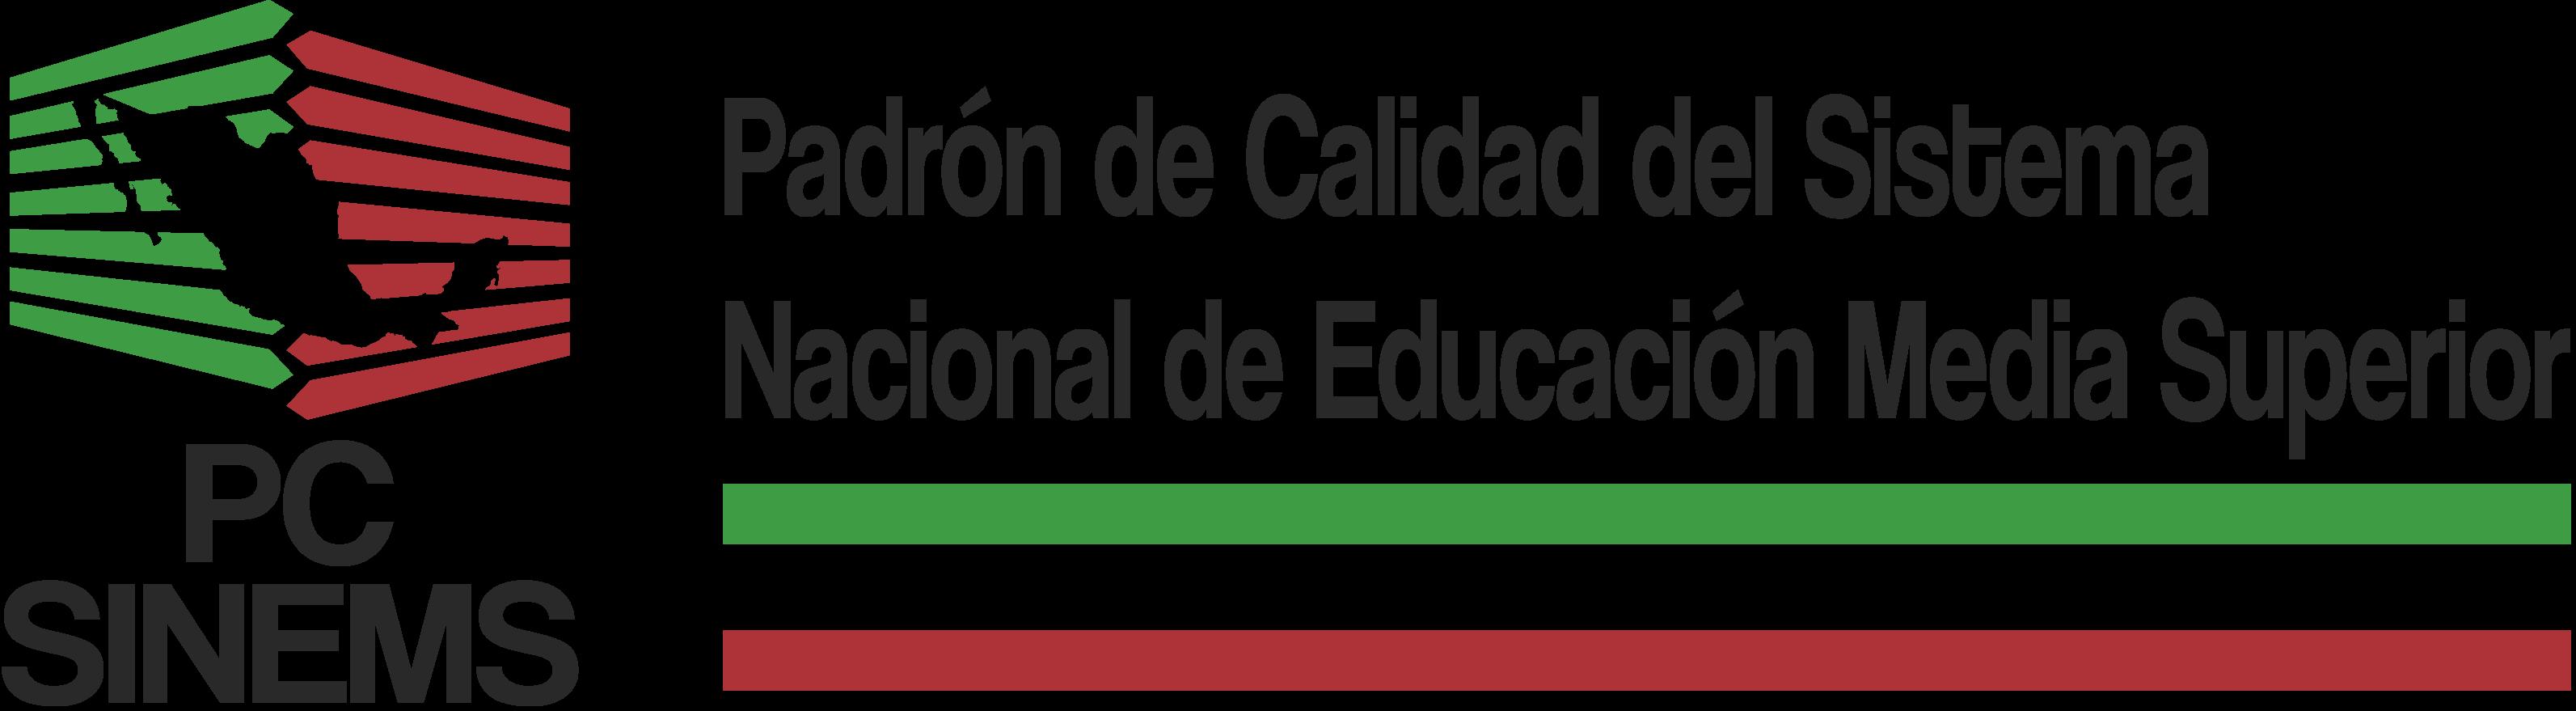 logotipo Padrón de Calidad del Sistema Nacional de Educación Media Superior